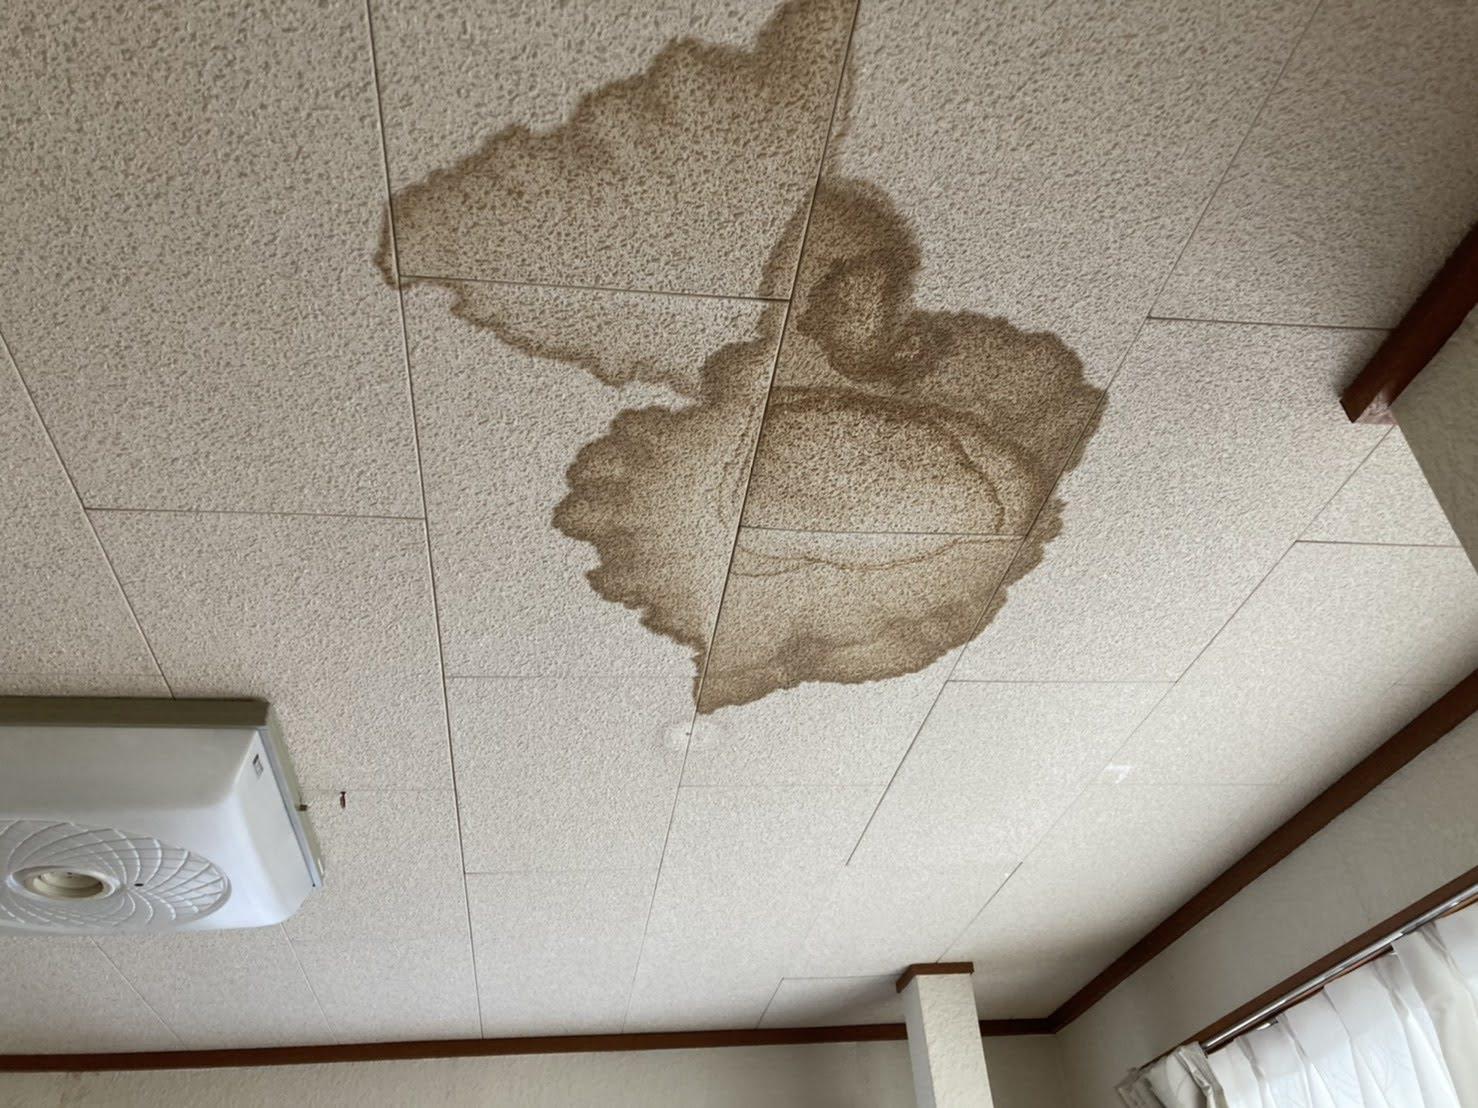 雨染みが色濃く残る、リビングの天井